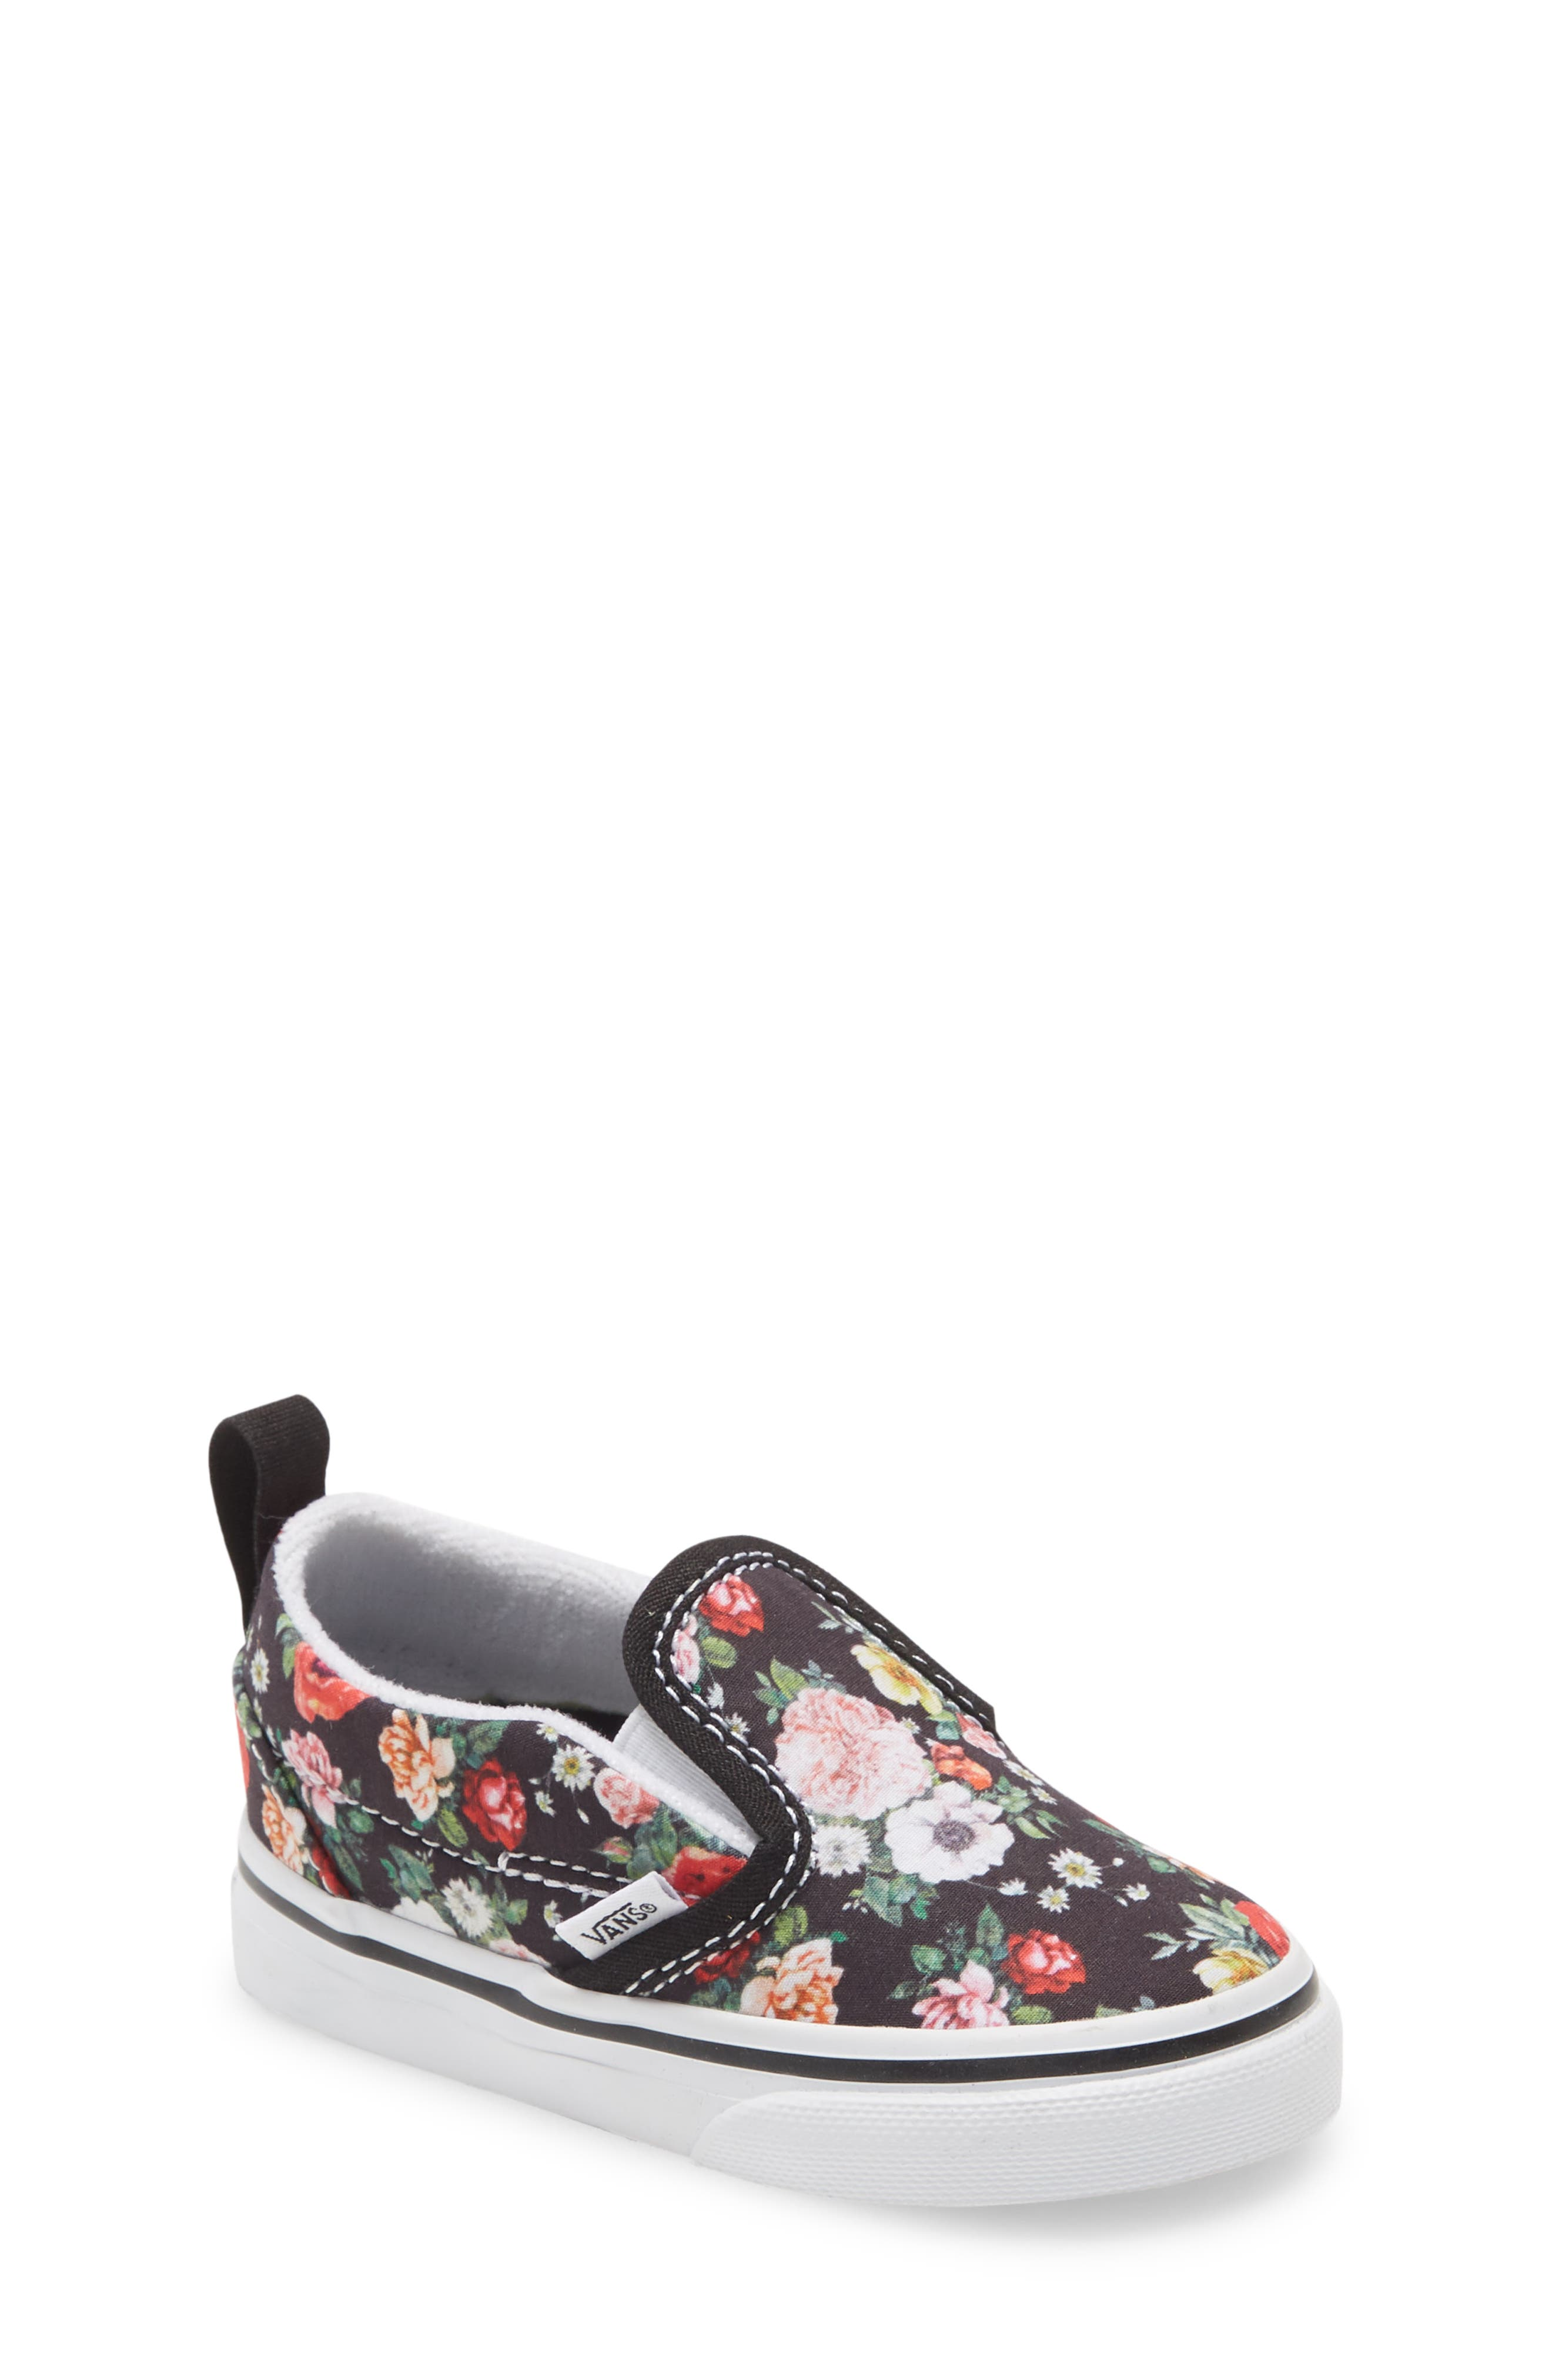 designer crib shoes